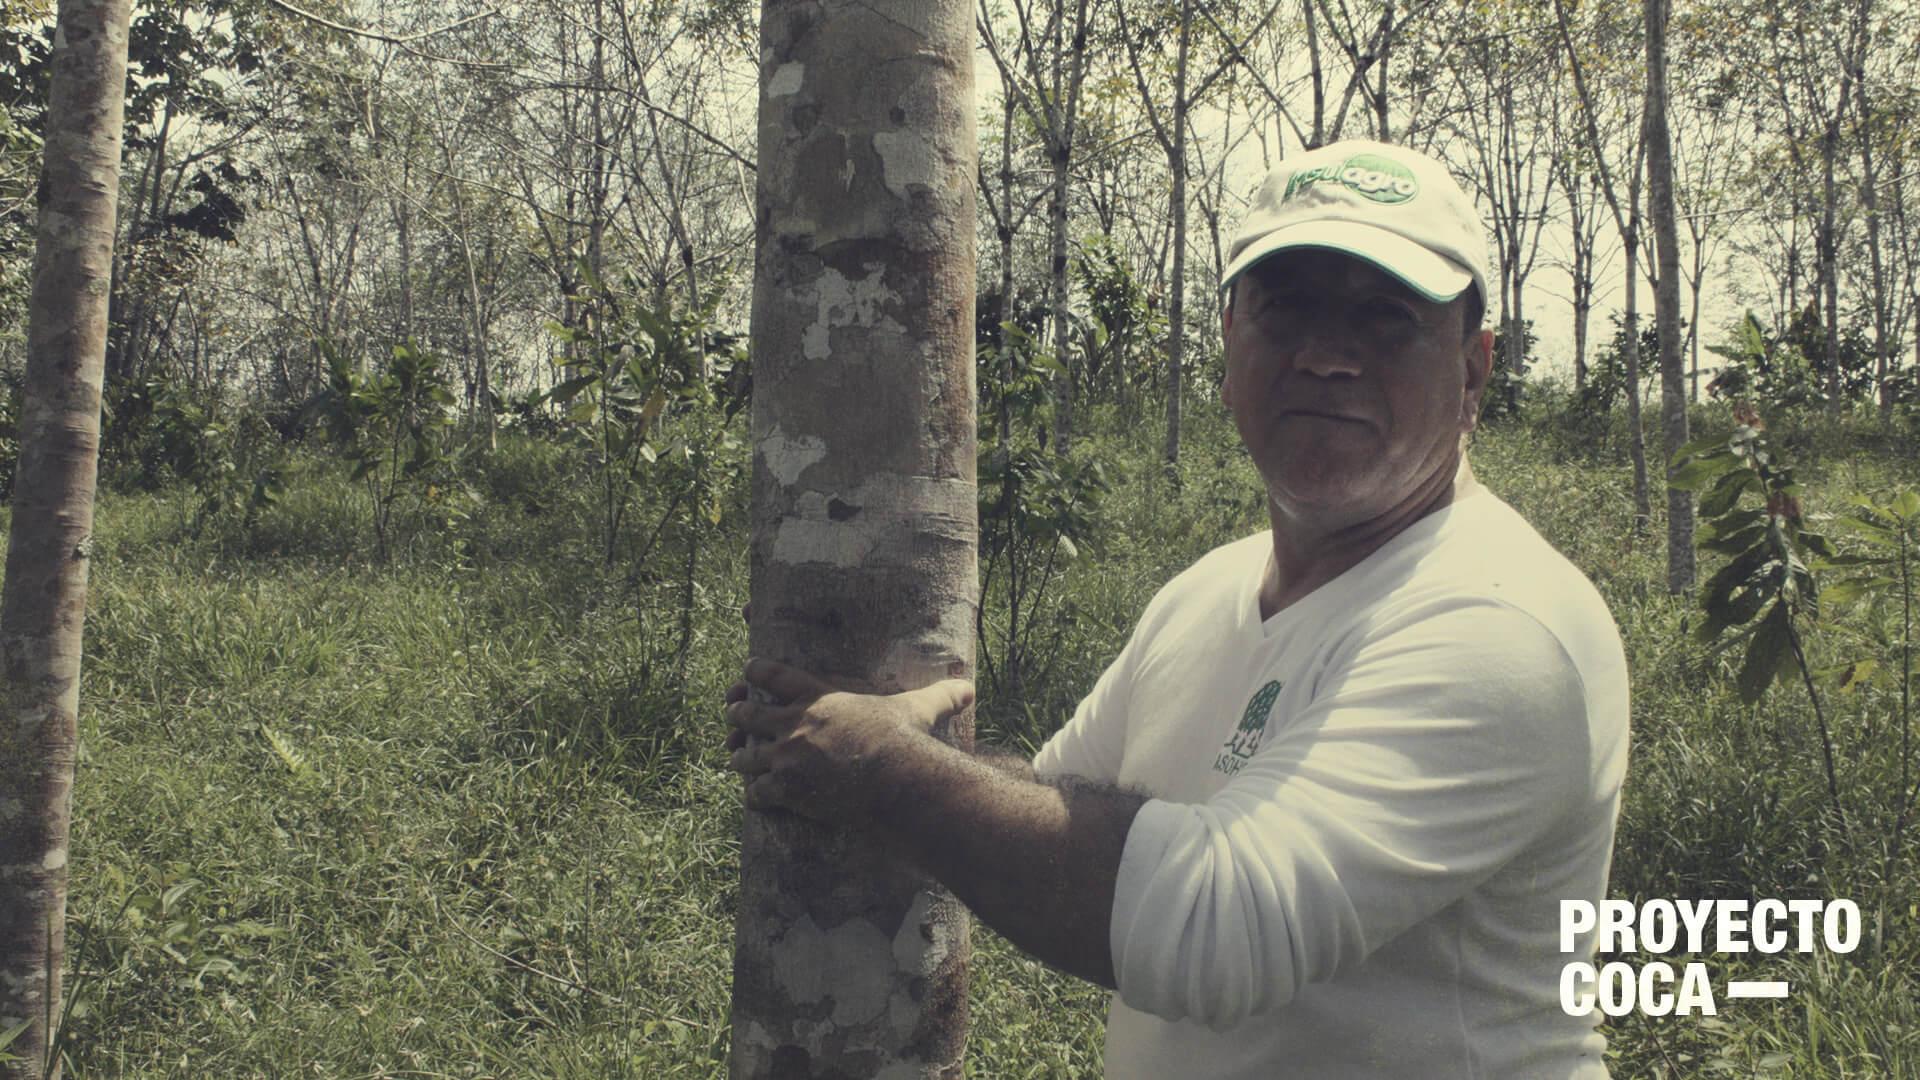 Antiguos cocaleros se vuelven científicos para salvar sus cultivos